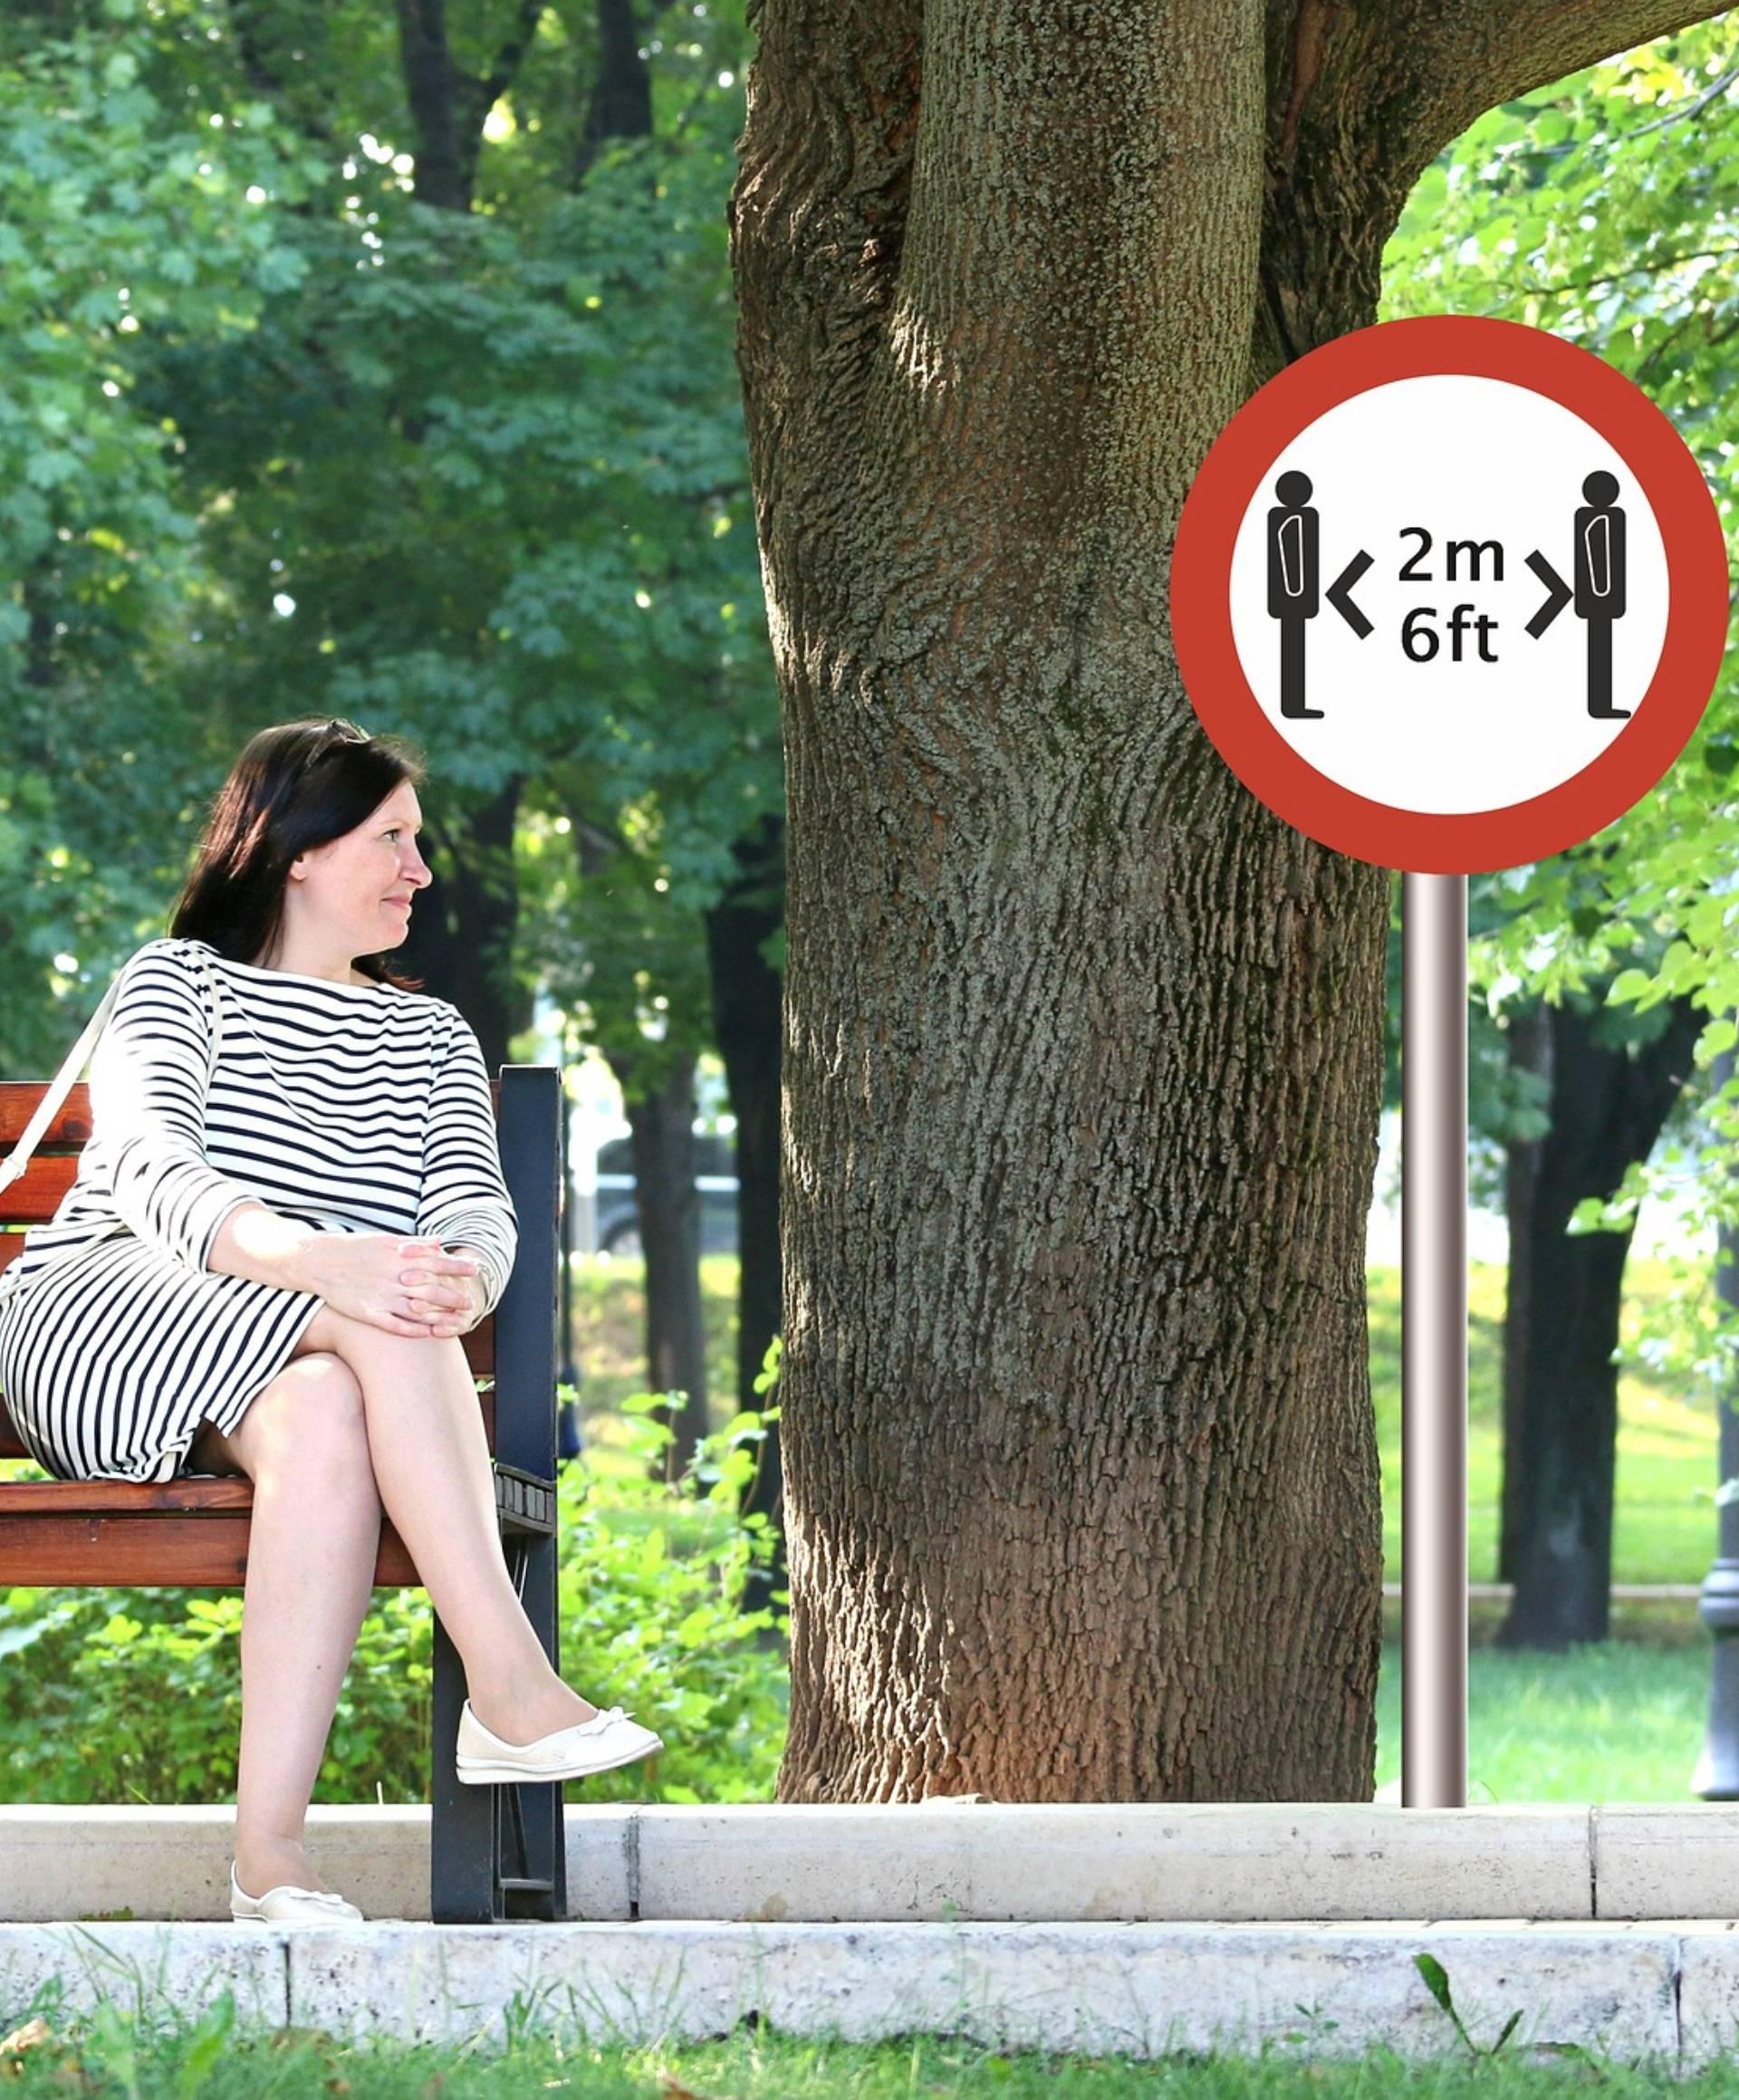 Ilustracija socijalnog distanciranja